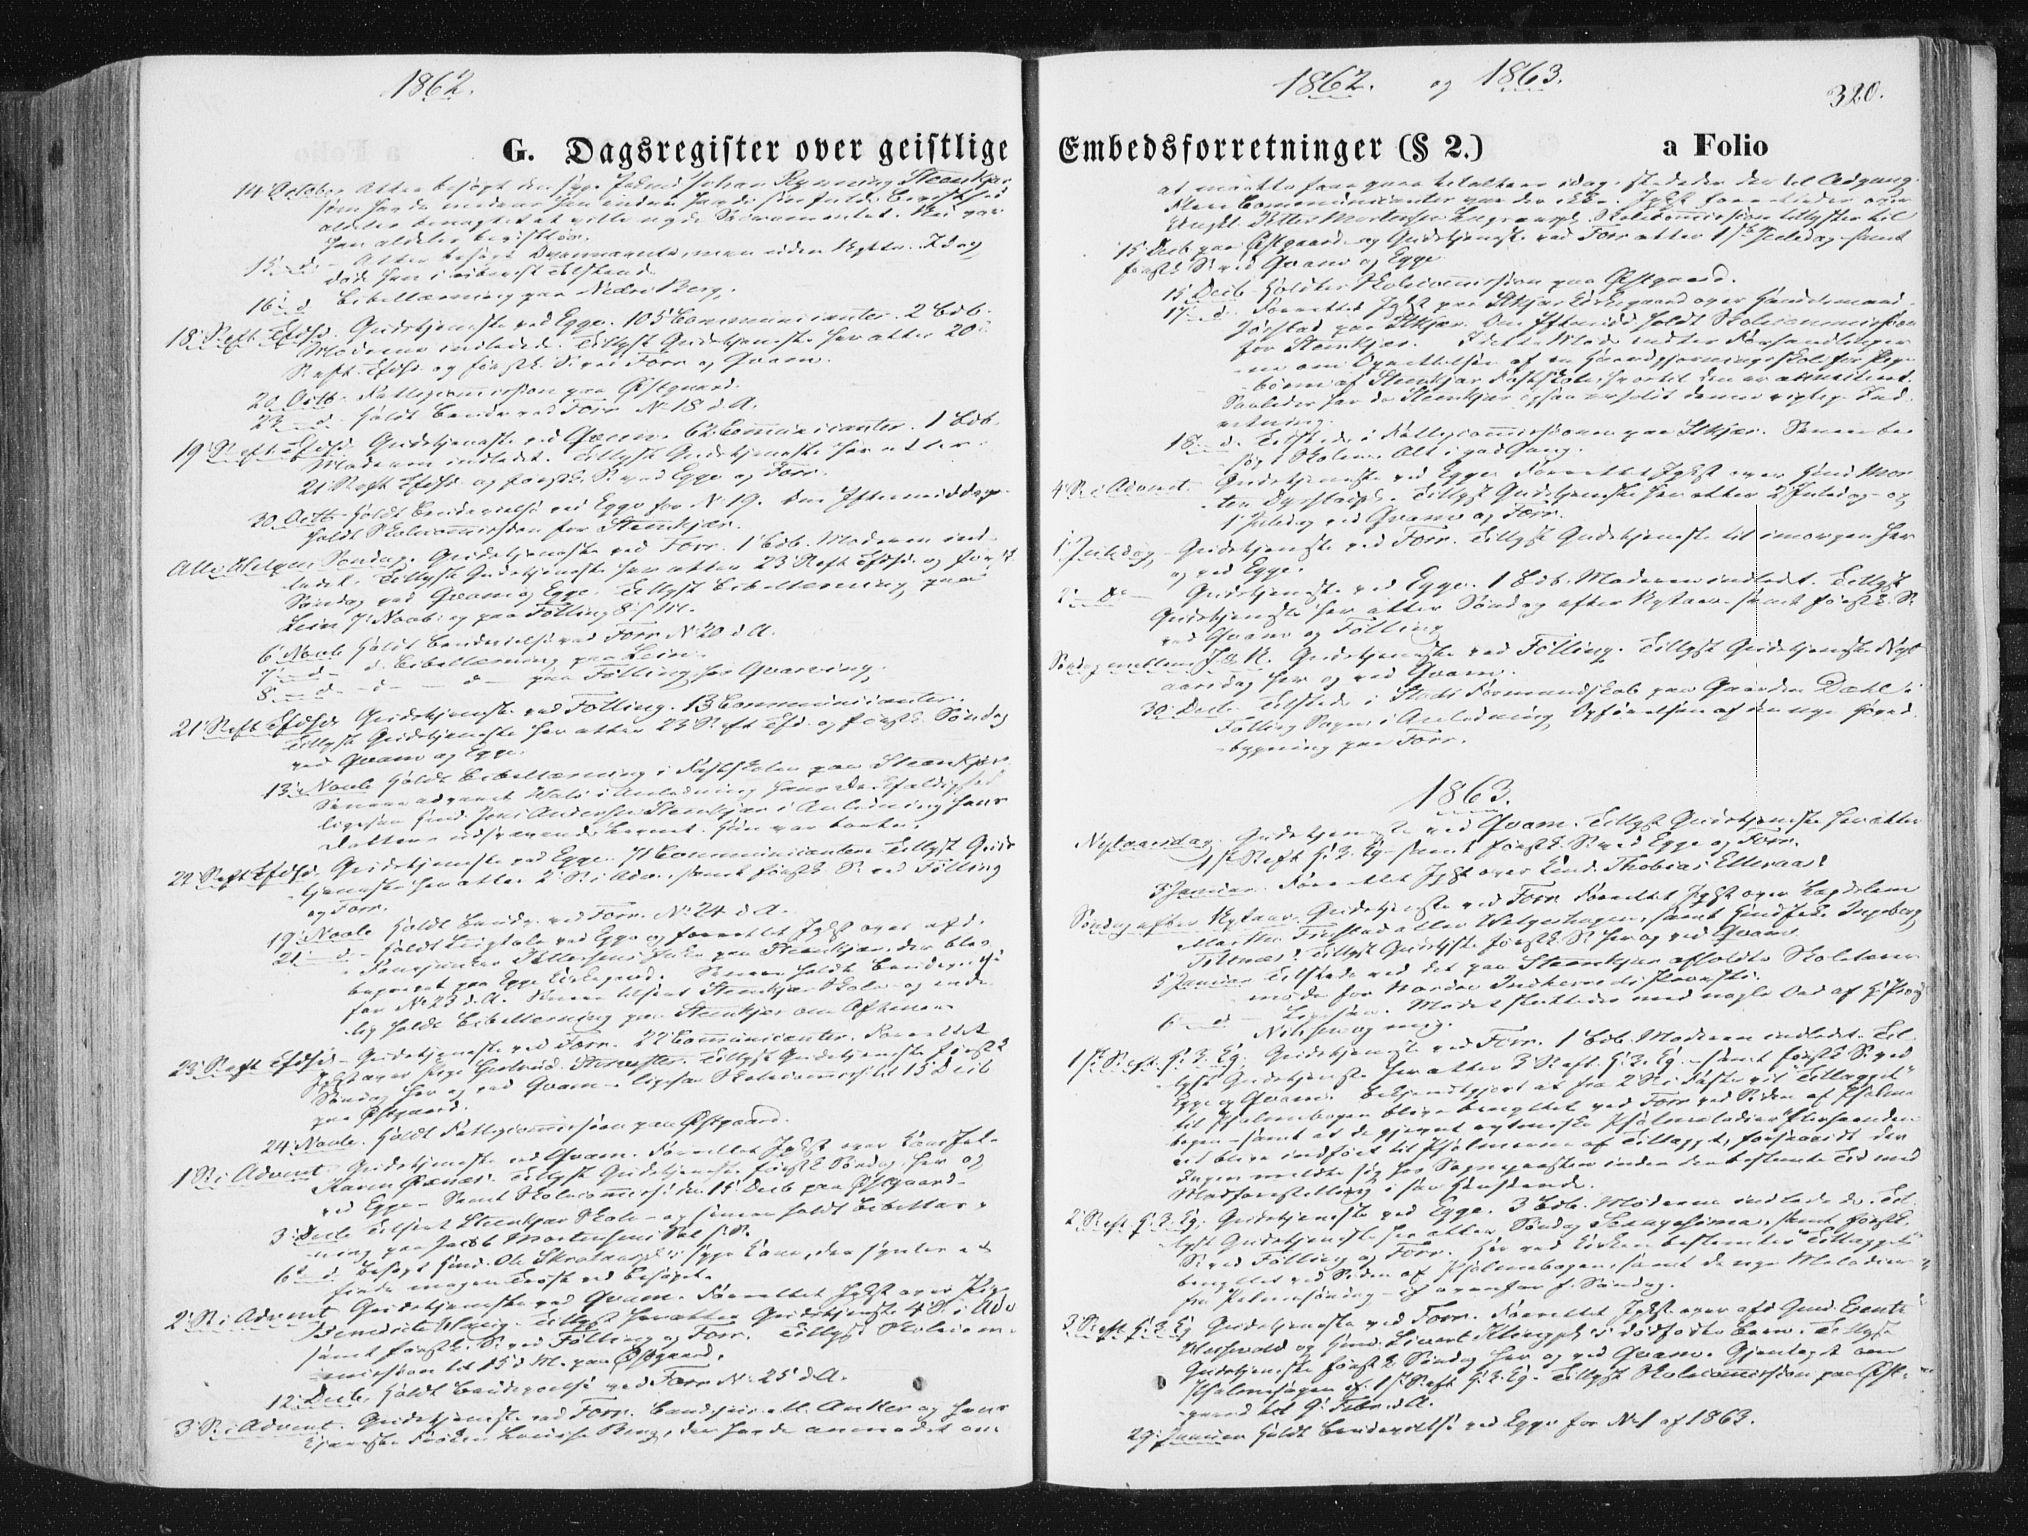 SAT, Ministerialprotokoller, klokkerbøker og fødselsregistre - Nord-Trøndelag, 746/L0447: Ministerialbok nr. 746A06, 1860-1877, s. 320